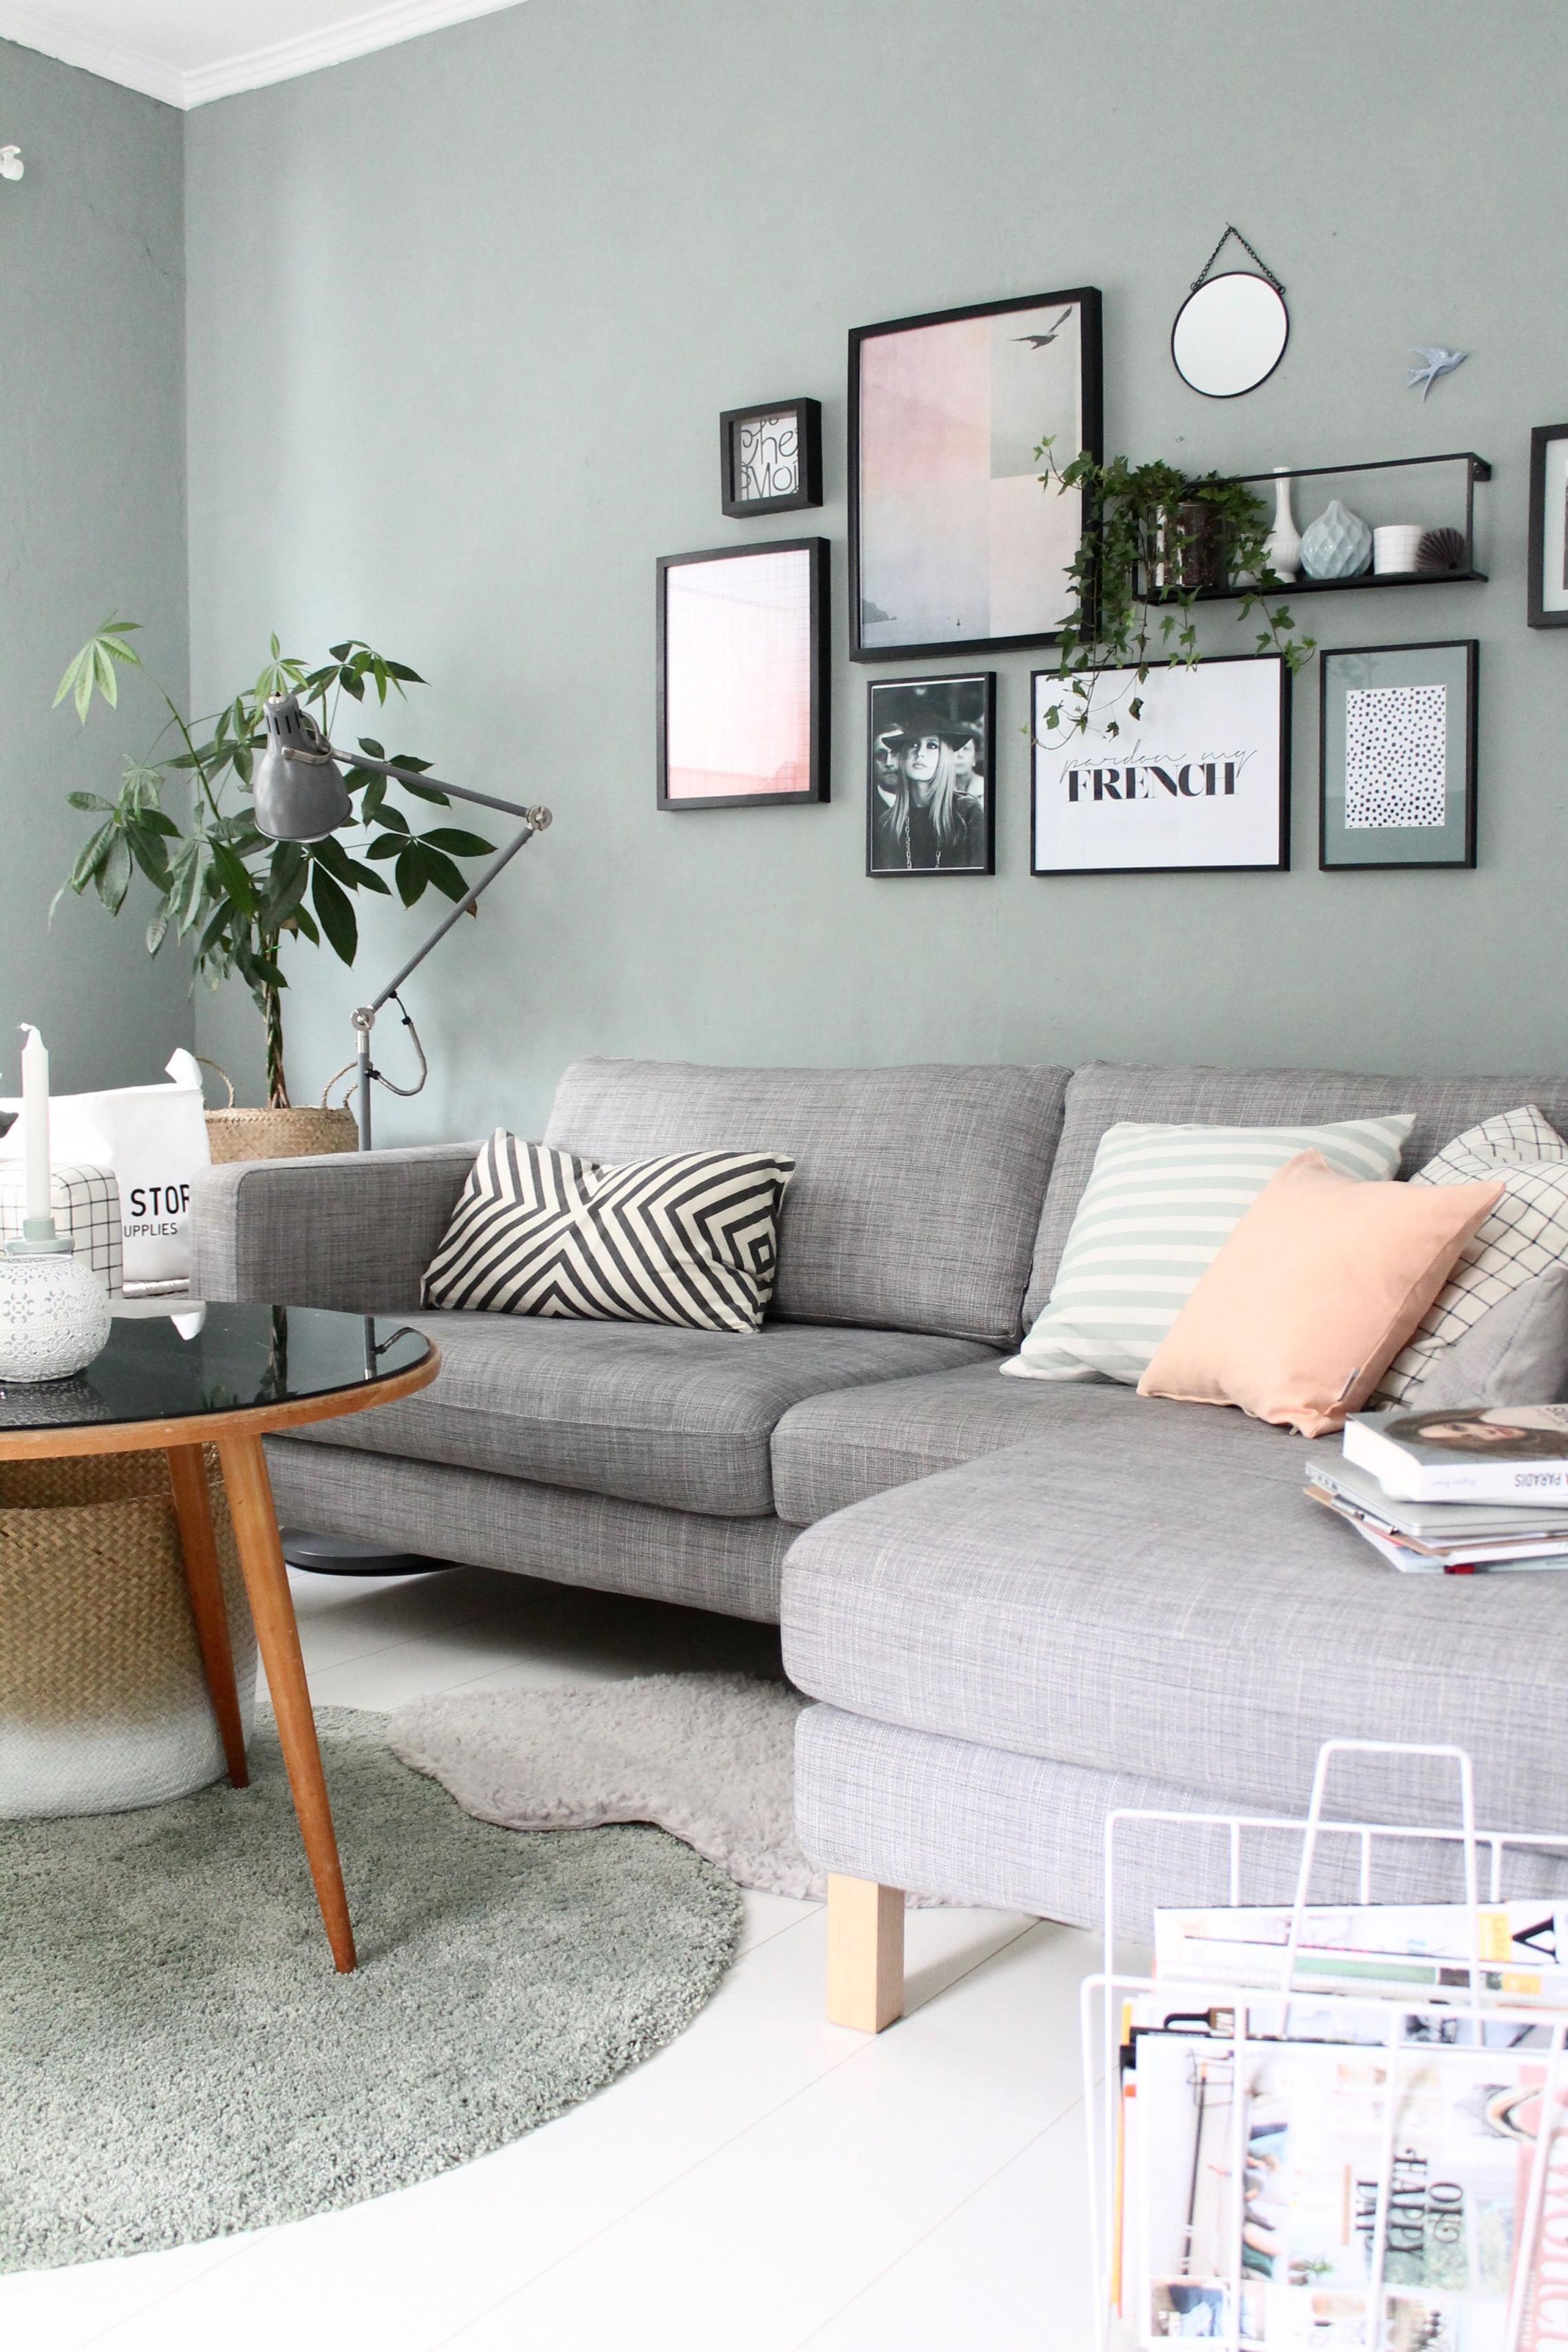 Eine Sanfte Wandfarbe Im Wohnzimmer Wwwkolorat Kolorat von Wohnzimmer Grau Gestalten Photo